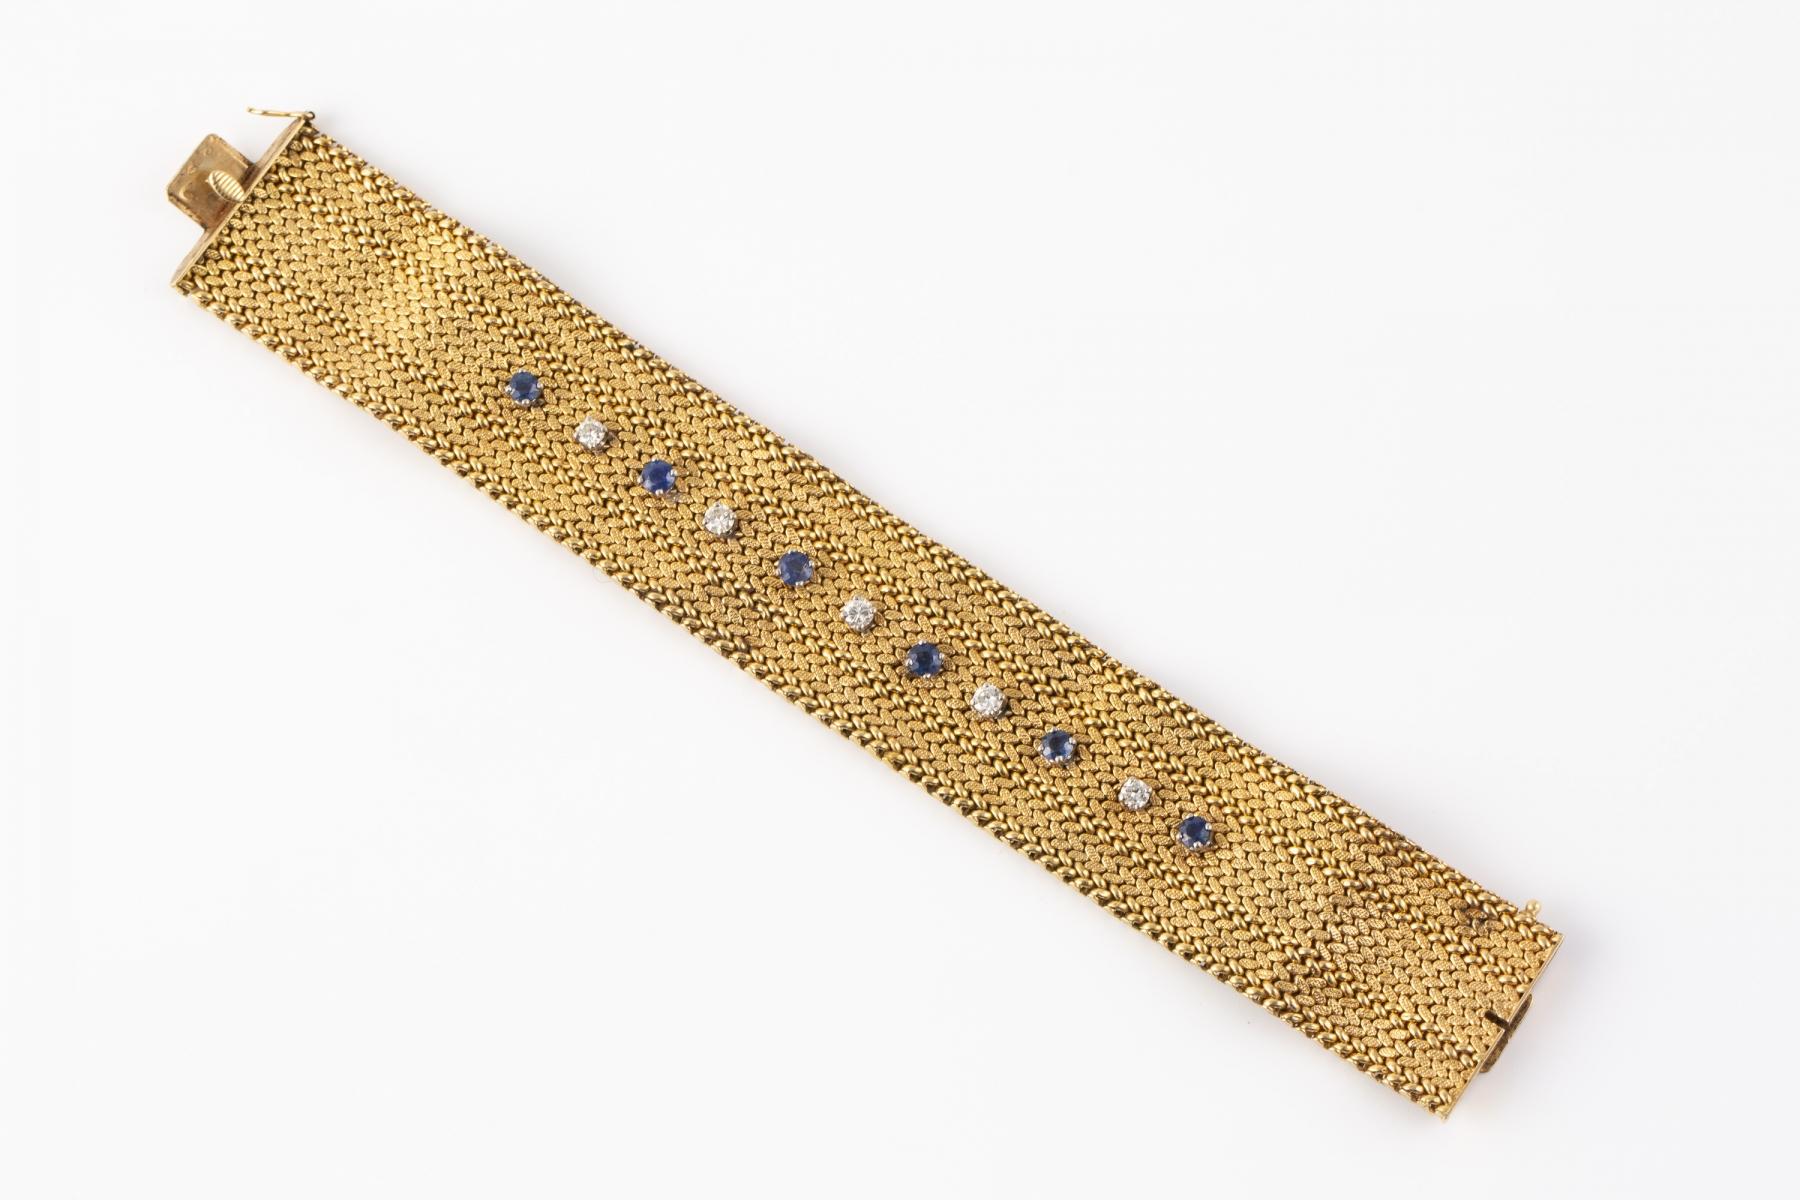 170- Bracelet manchette en or tressé orné de petits diamants et saphirs. Adjugé 1300€